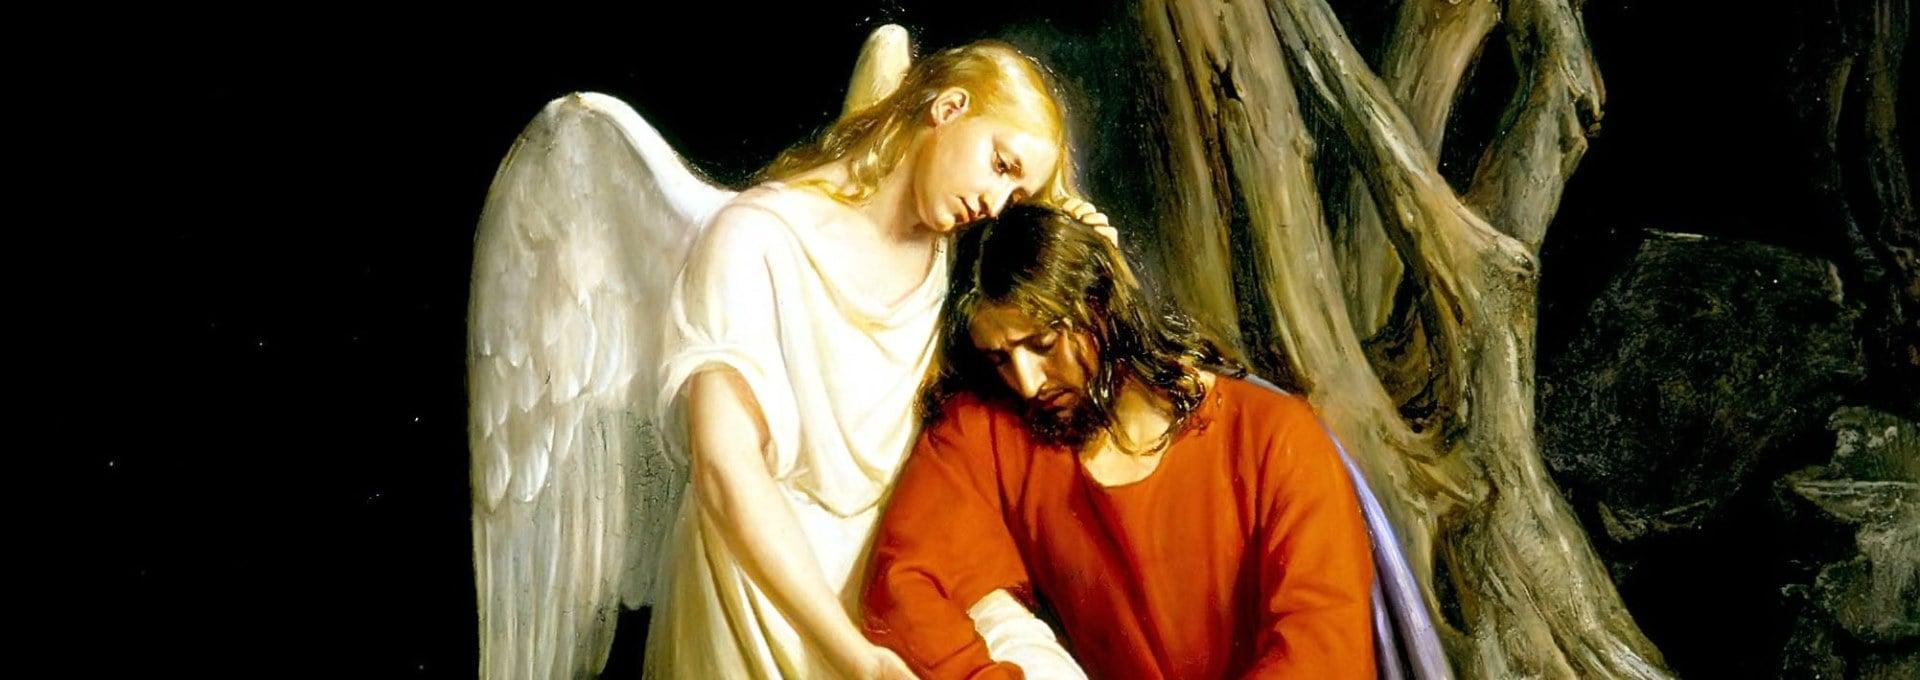 תוצאת תמונה עבור encuentro con un angel